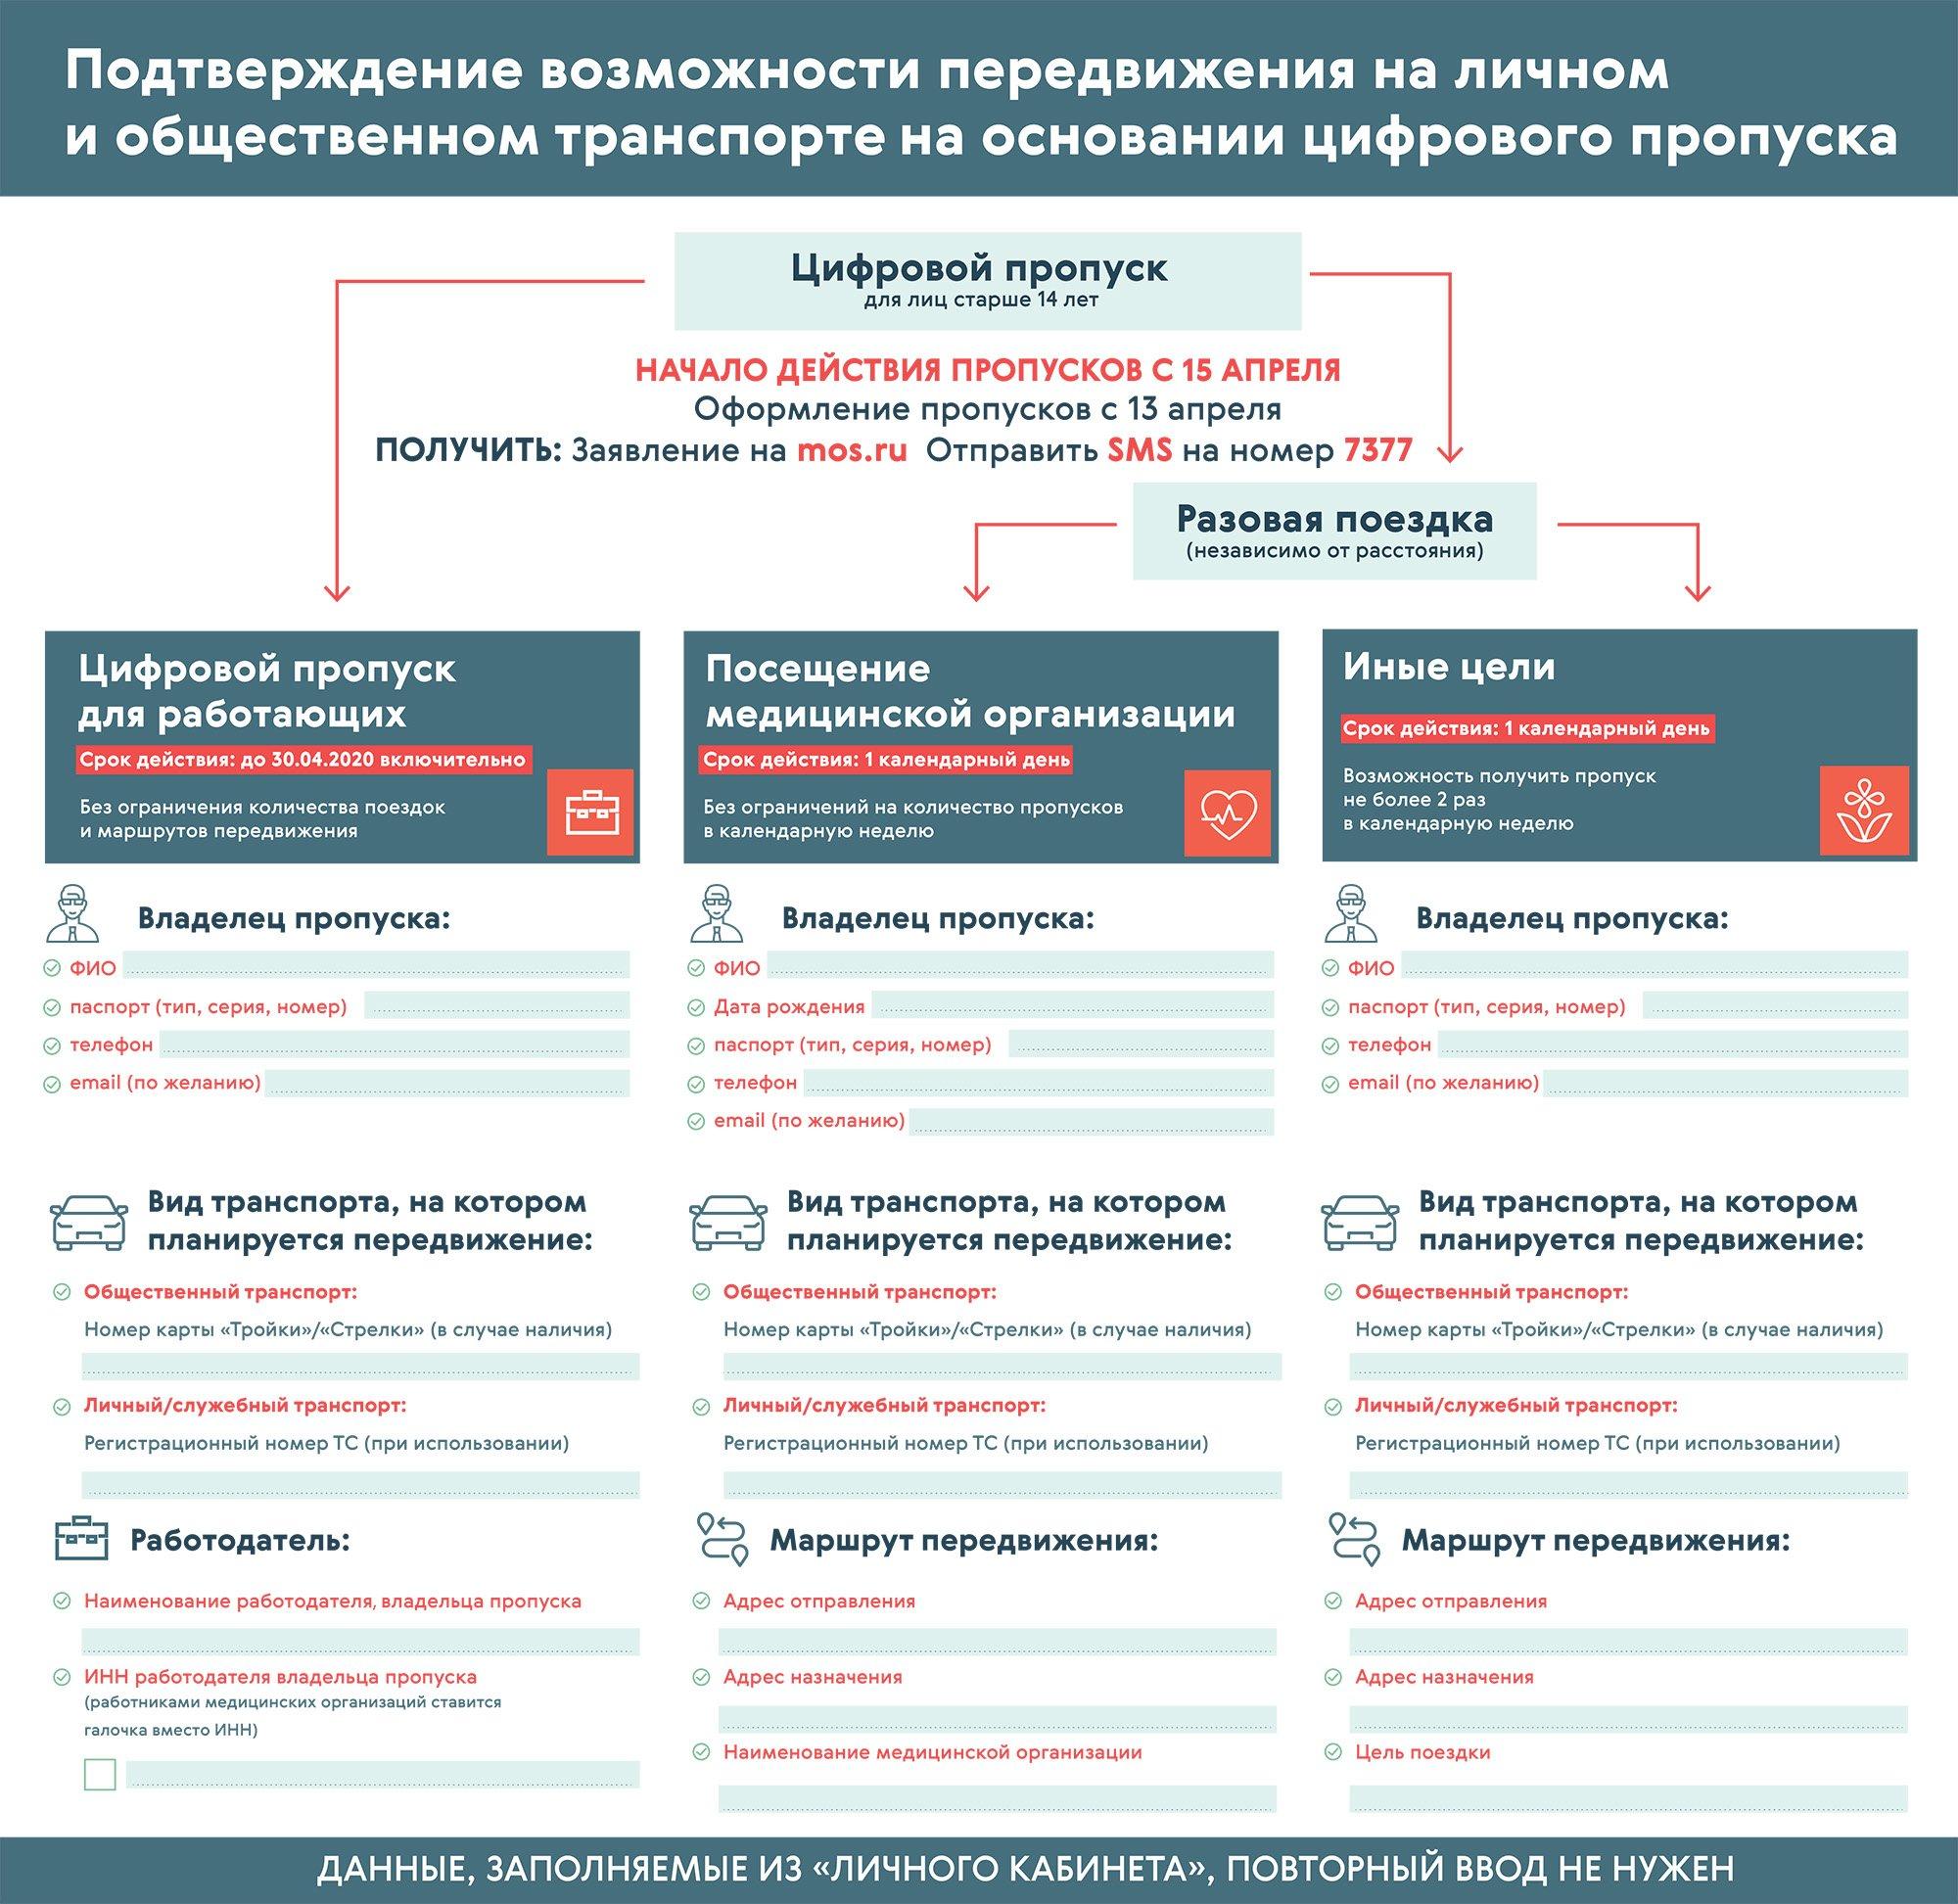 Дача, магазин, работа: как использовать спецпропуска в Москве